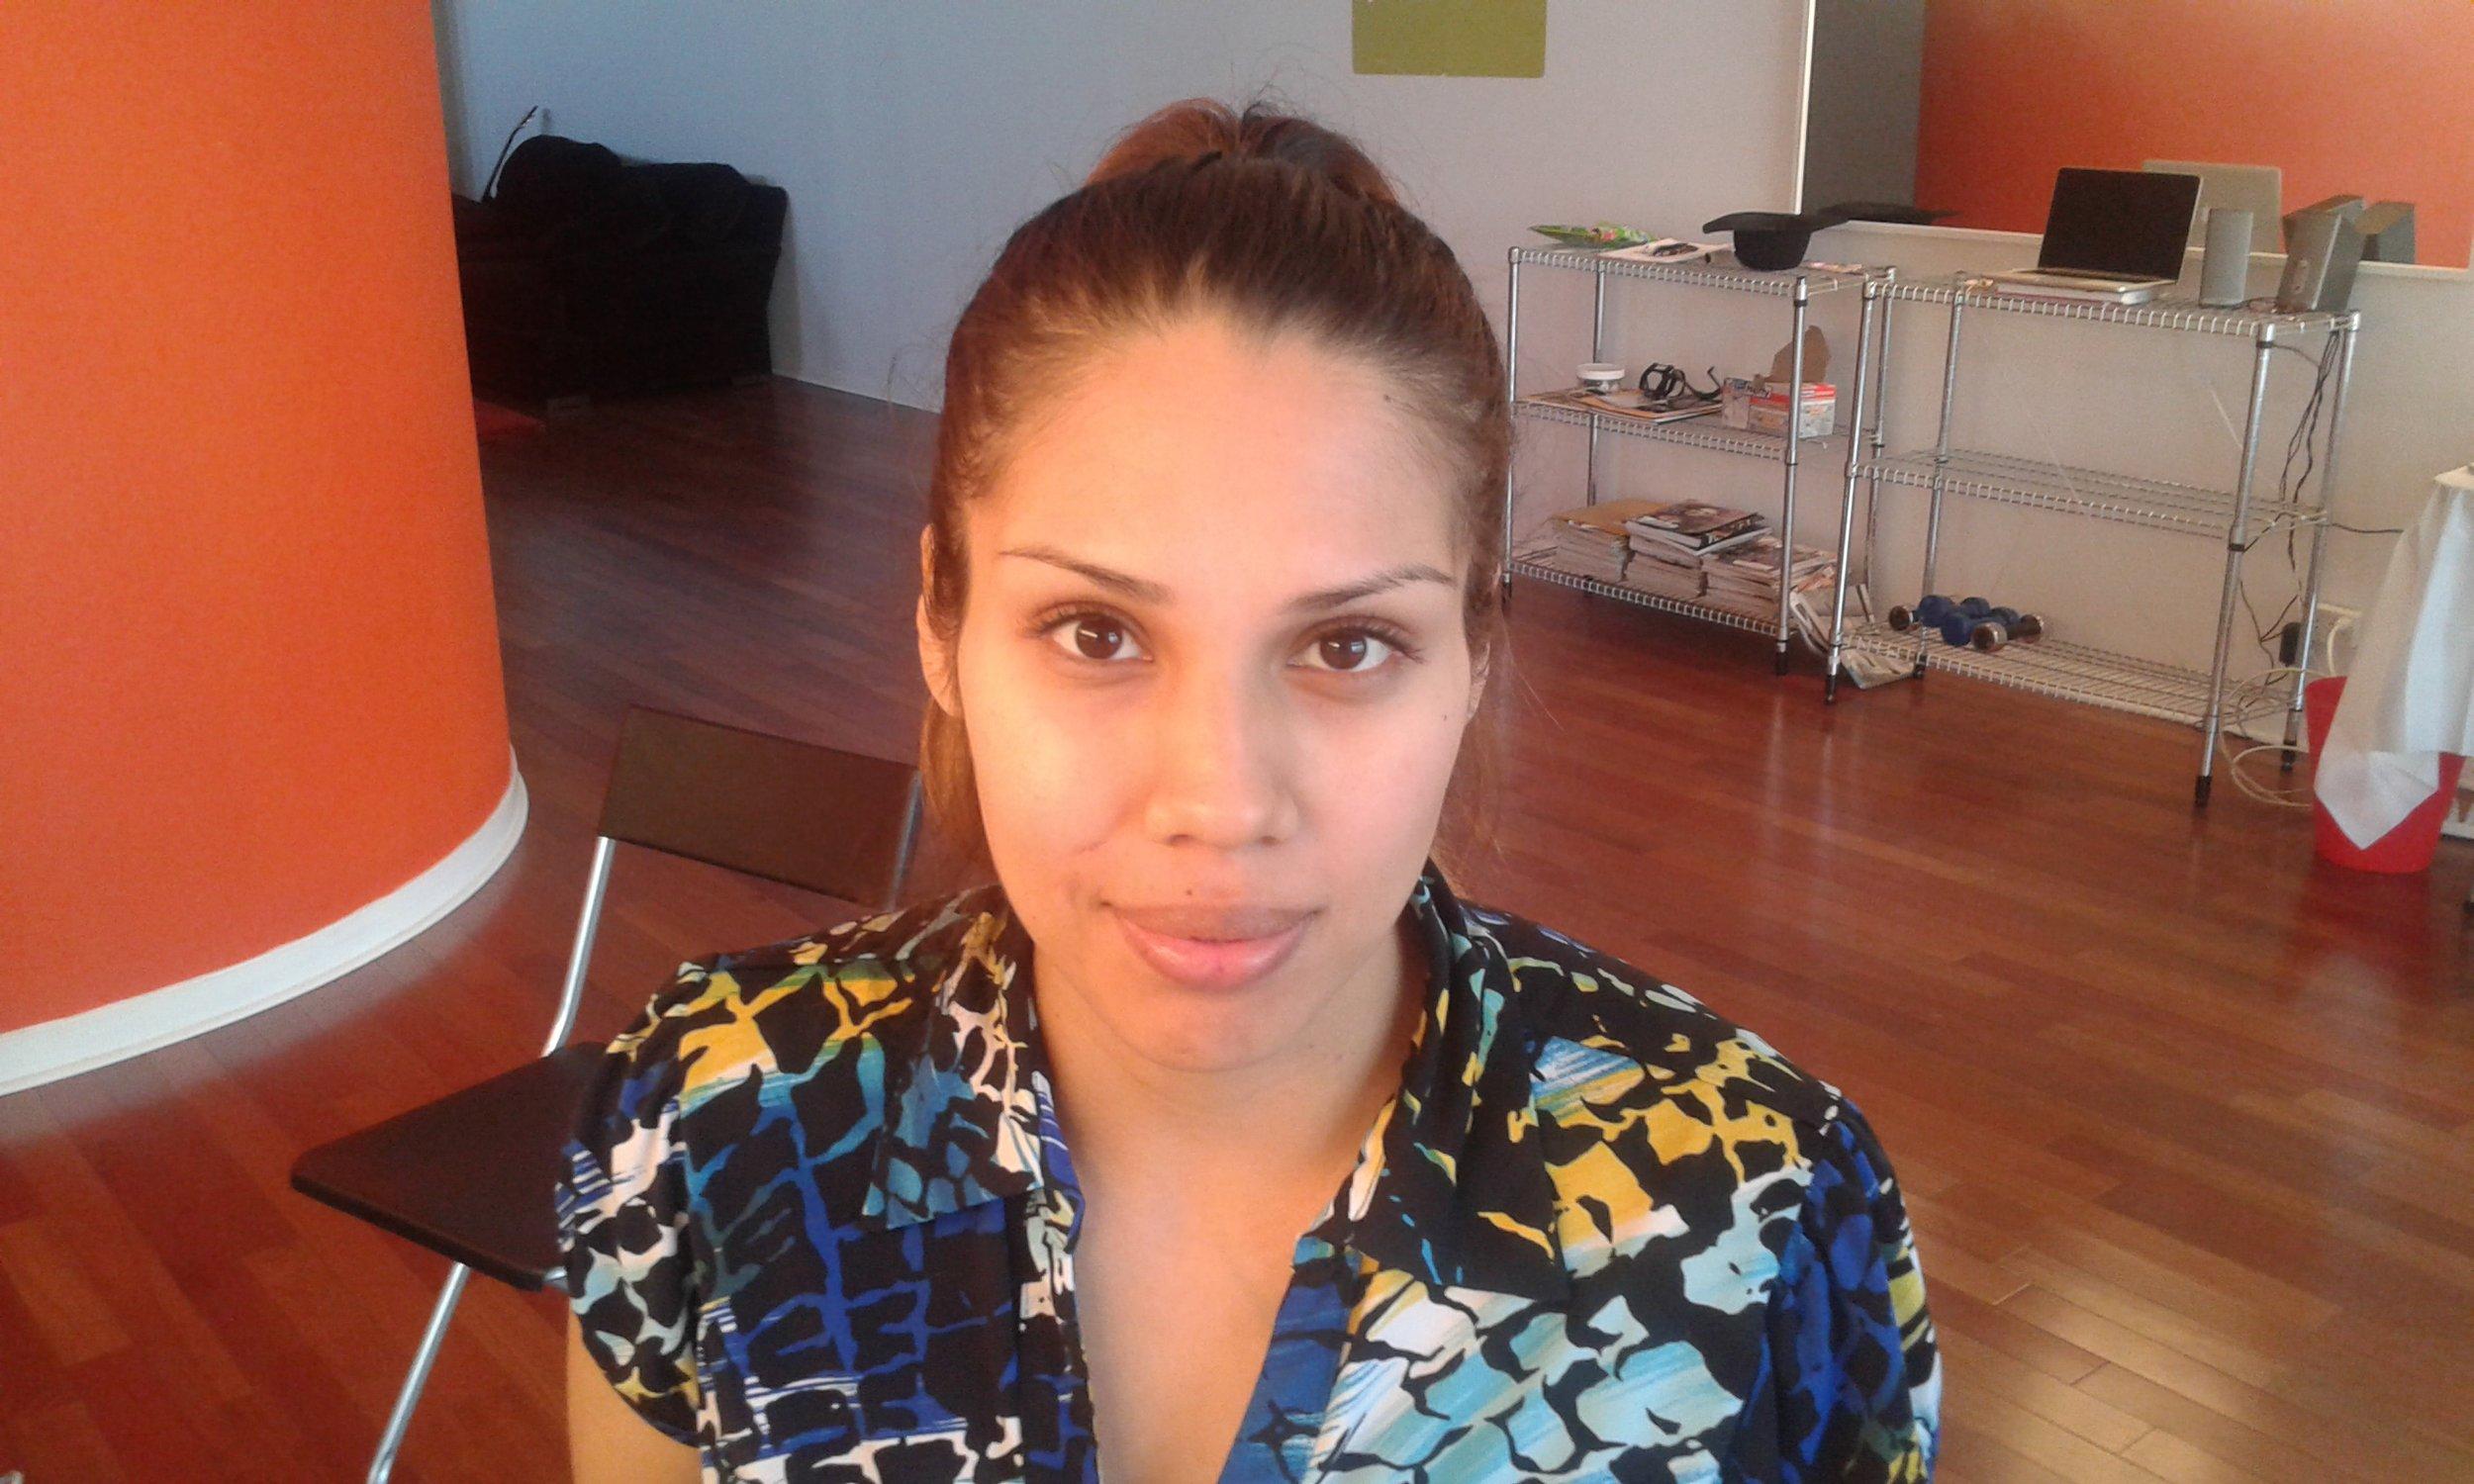 Μοντέλο φωτογράφισης νυφικού μακιγιάζ, Σικάγο ΗΠΑ - Πριν το μακιγιάζ.